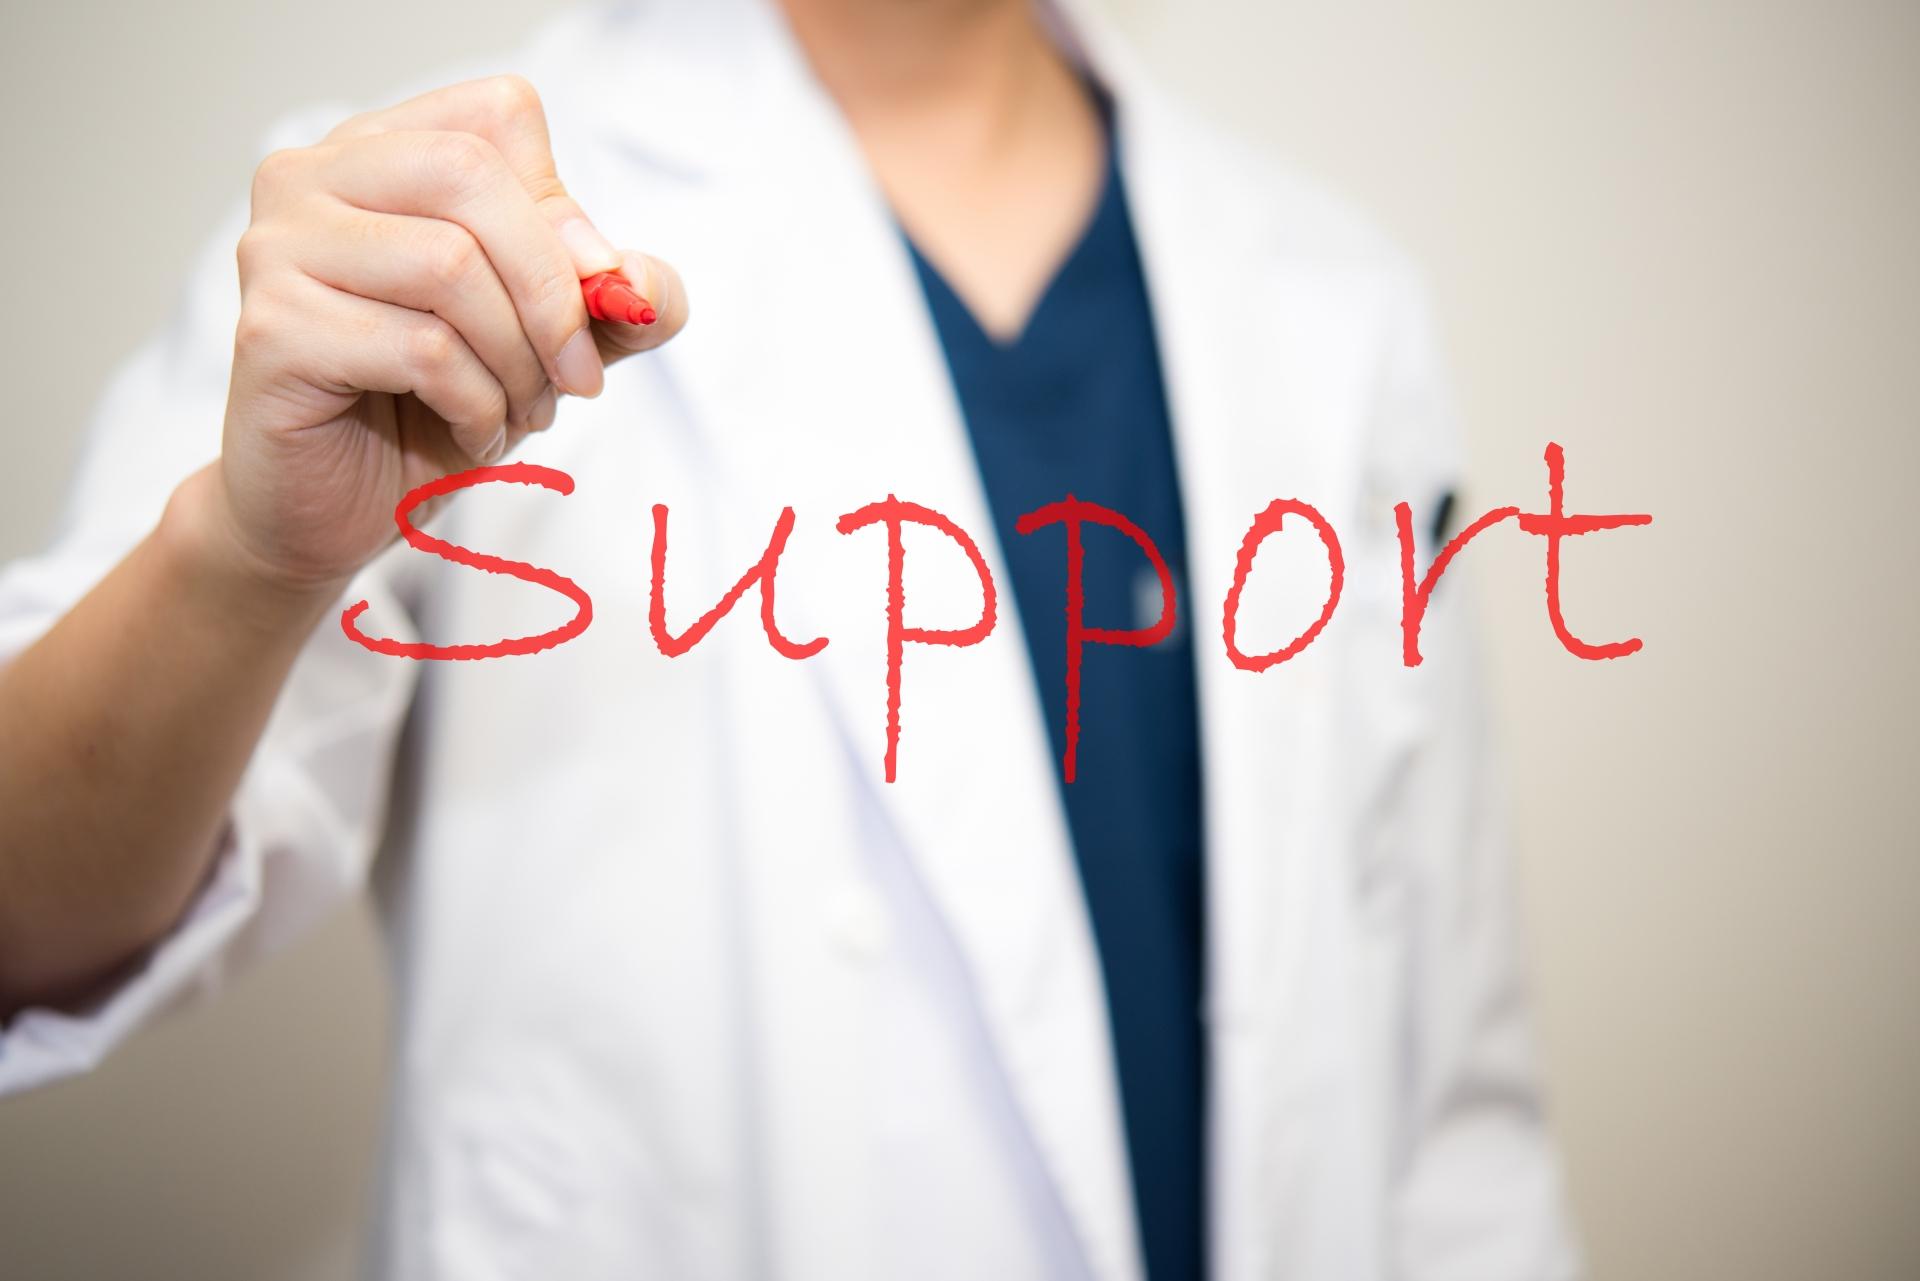 基底細胞癌の診断の正確性なら専門医!【イラン論文】